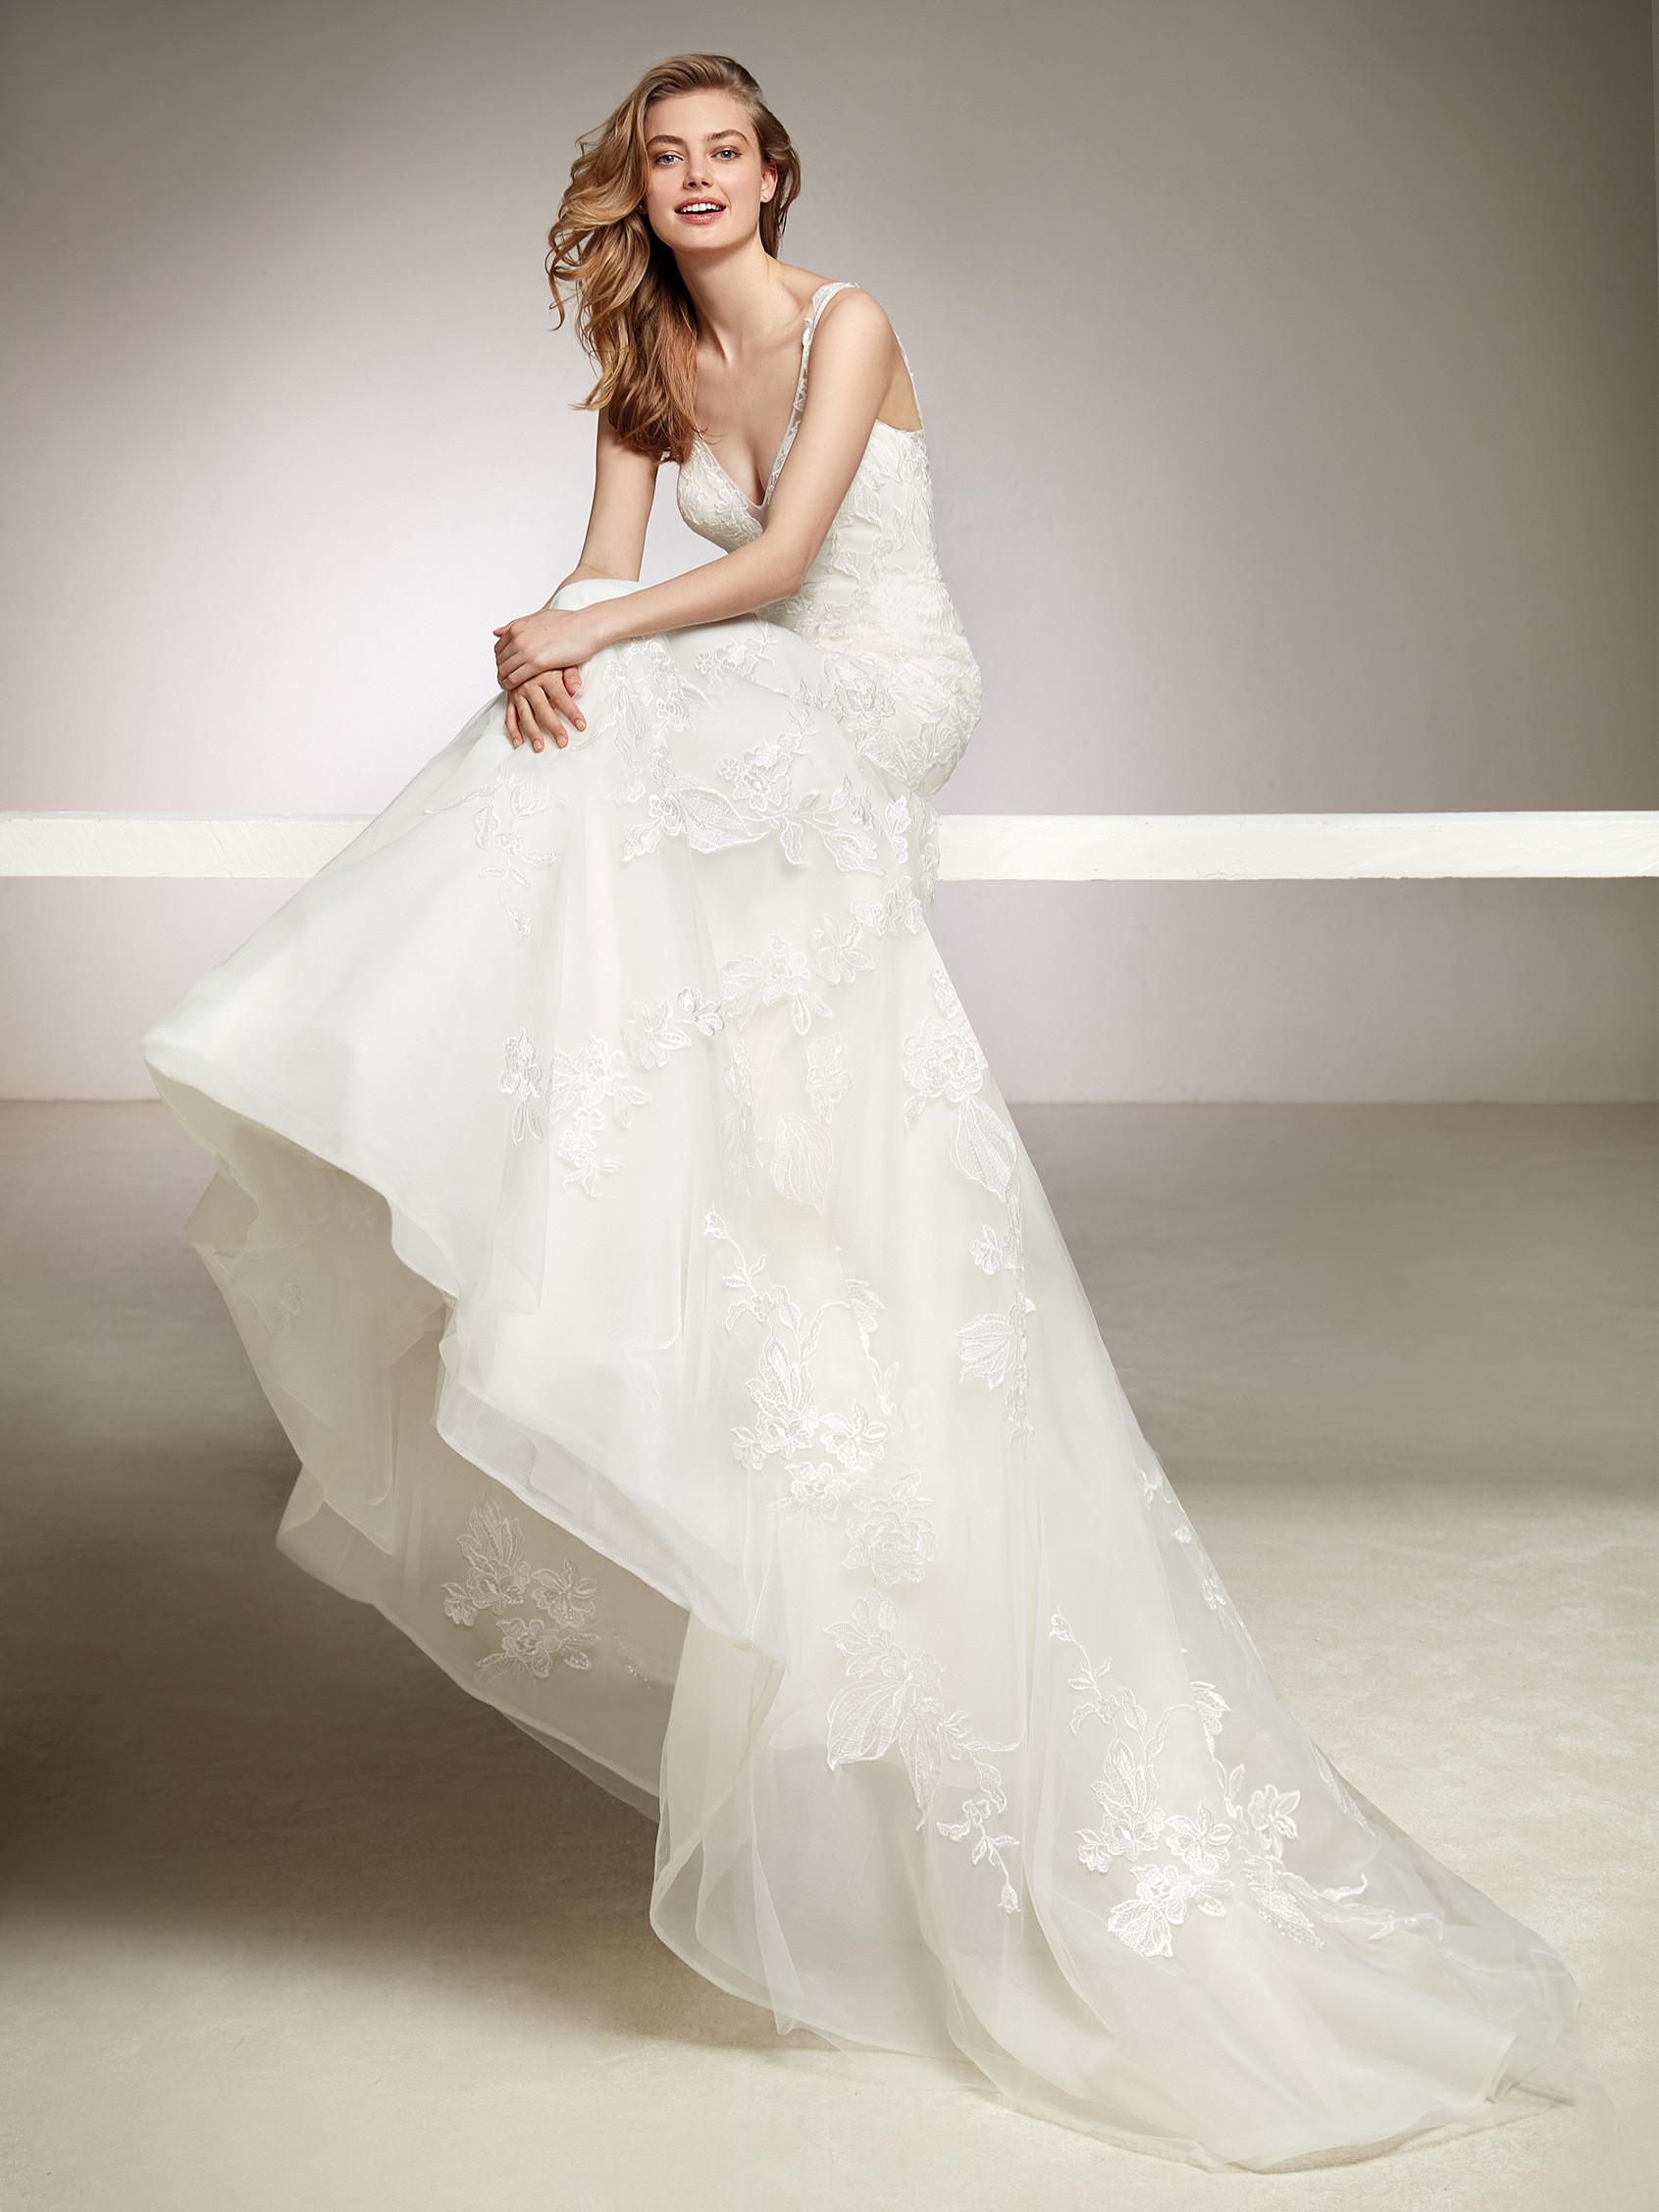 WEDDING DRESS SALE, PRONOVIAS DIVIS, UK8, £900 - Romantique Bridal